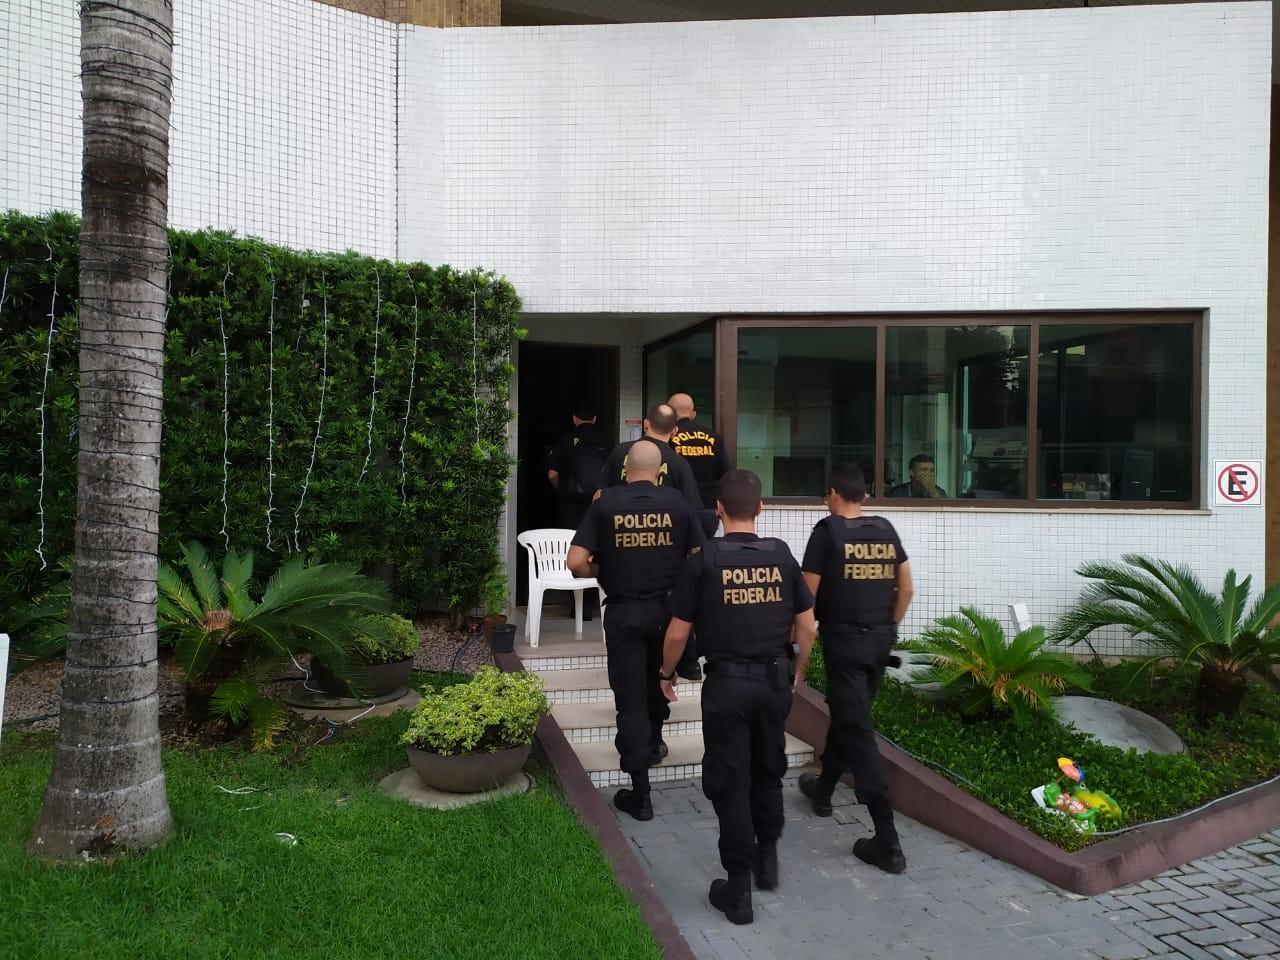 PF faz buscas na sede do governo do Pará em investigação que mira vice-governador